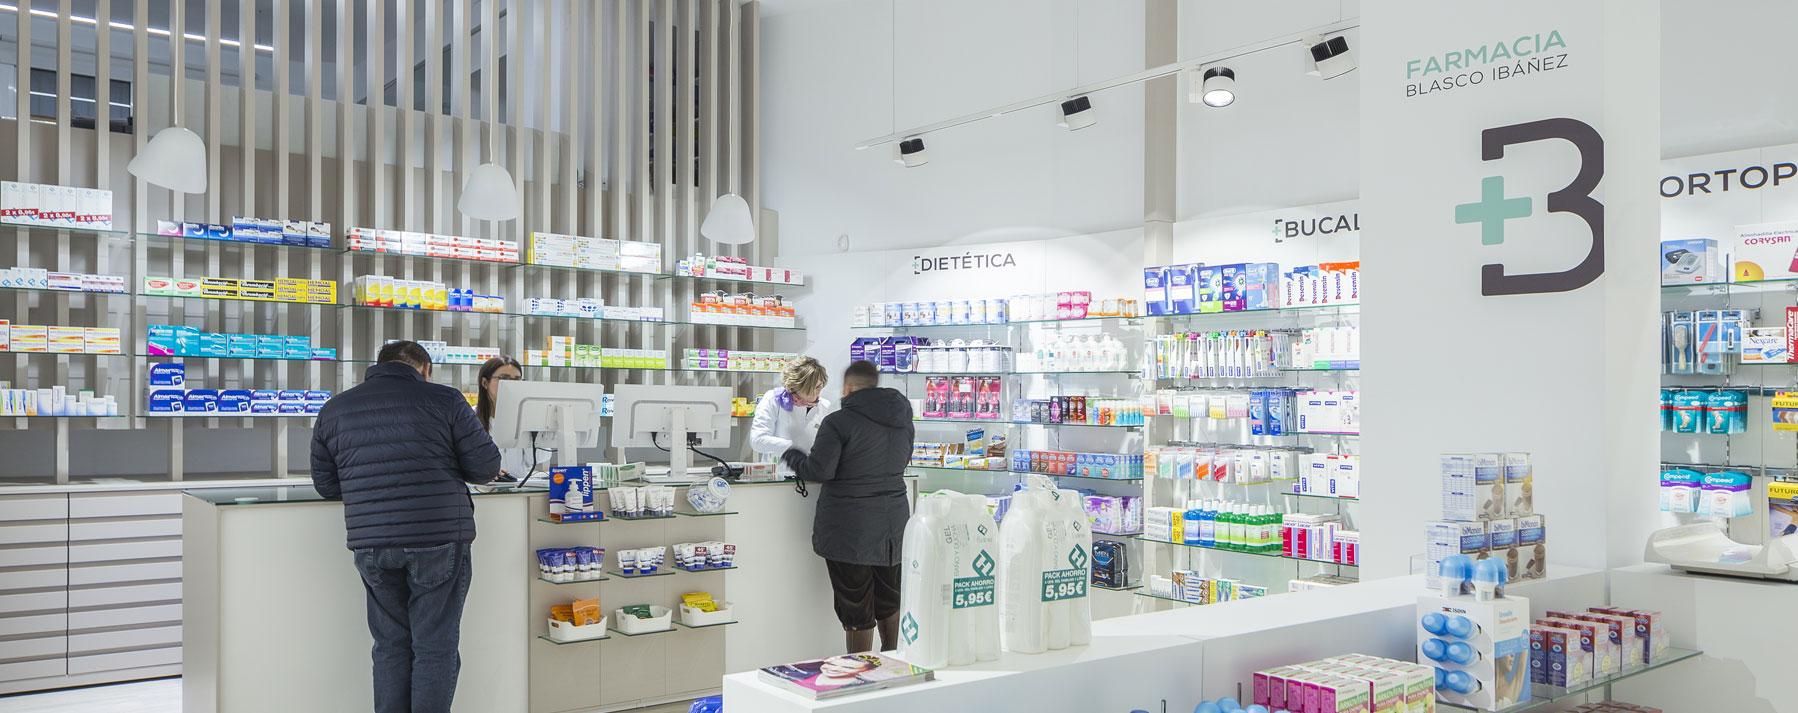 Reforma De Farmacia Y Clinica Dental Mifarma # Muebles Farmacia